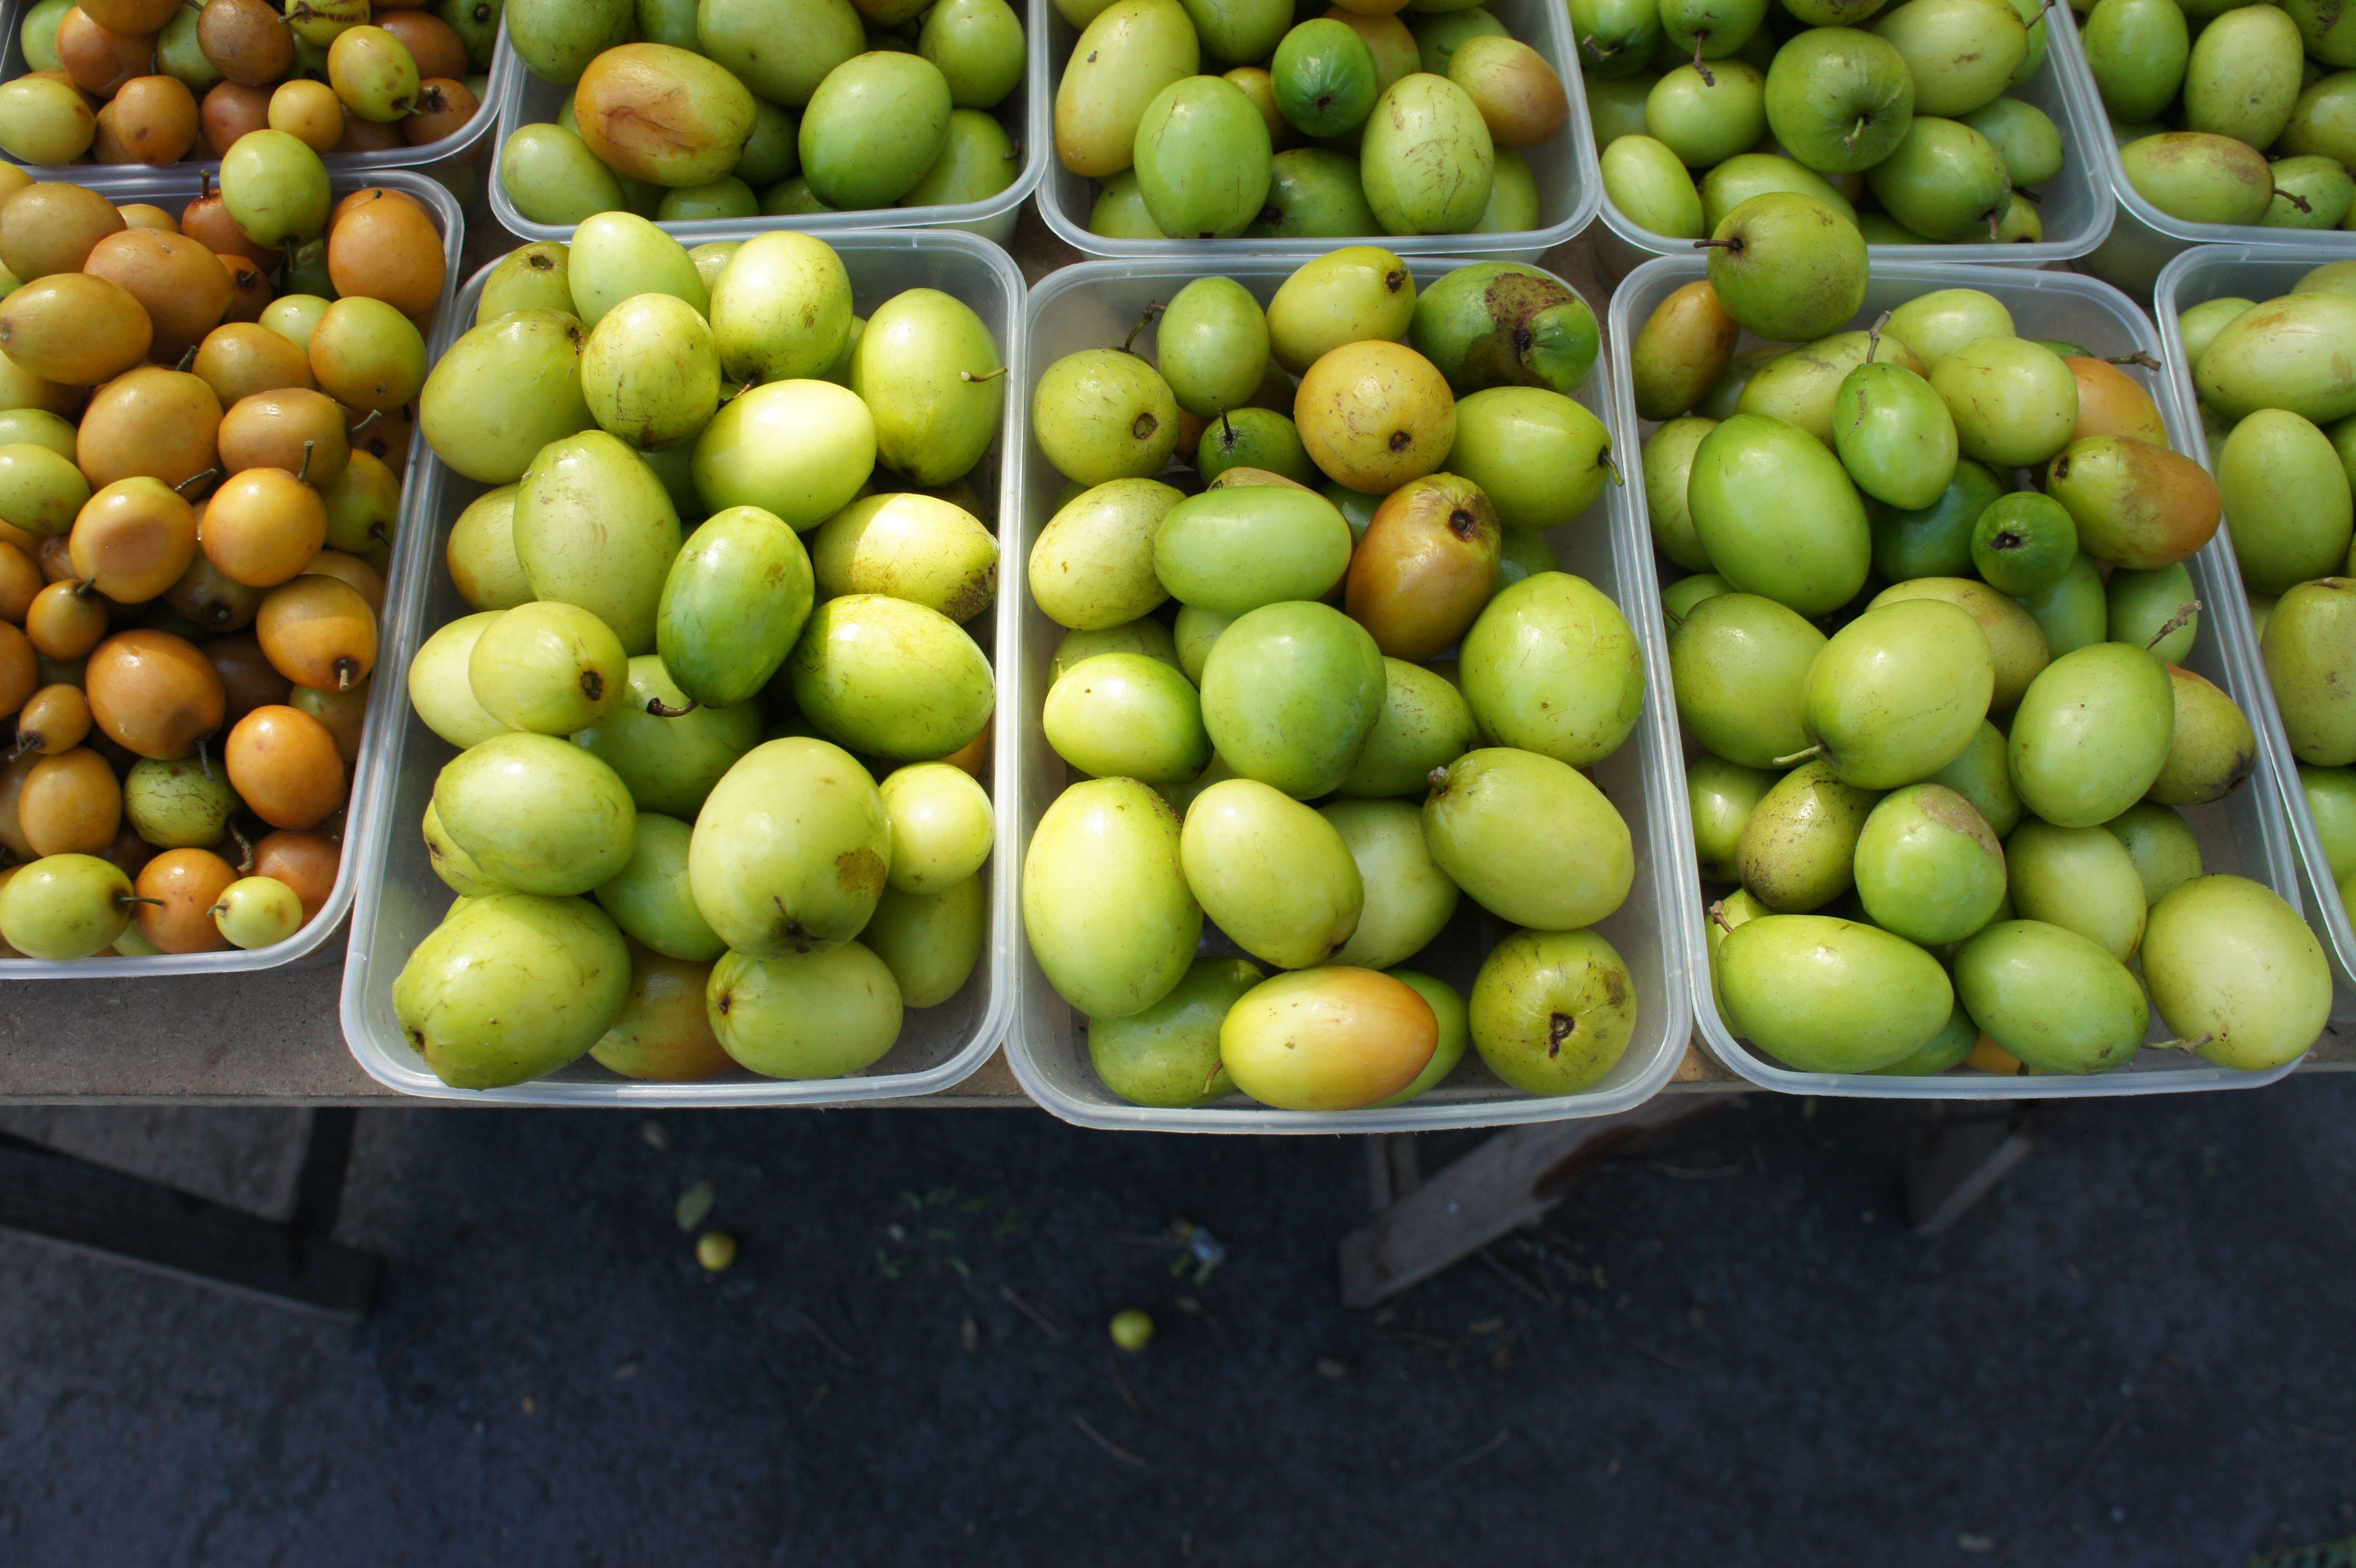 Ces Petits Fruits Qui Ressemblent A Des Olives S Appellent Des